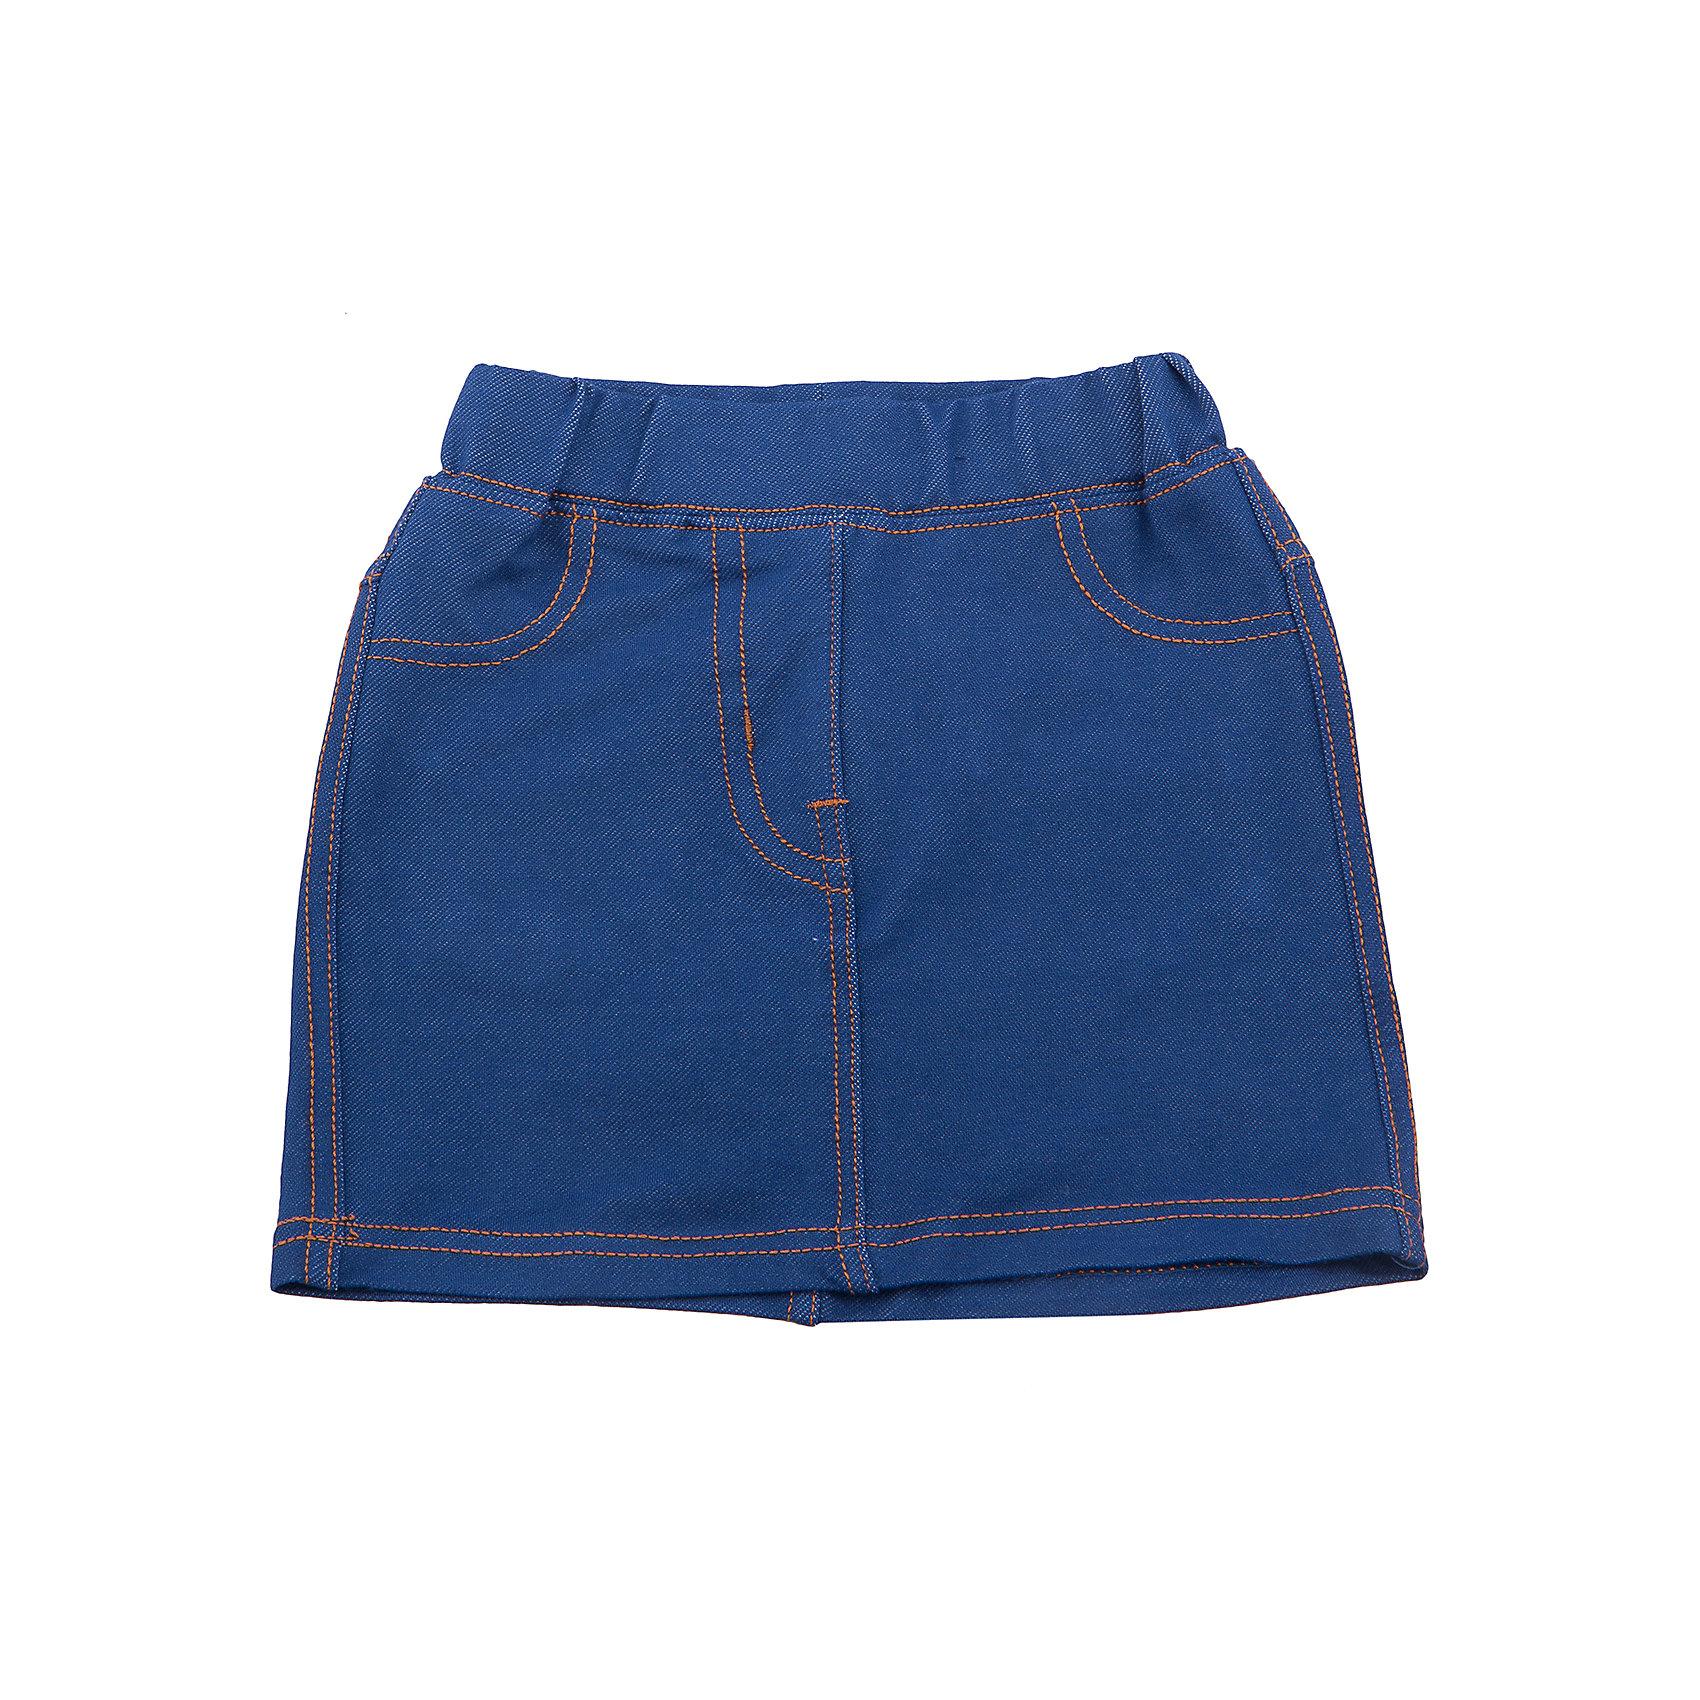 Юбка джинсовая для девочки Sweet BerryДжинсовая одежда<br>Трикотажная юбка для девочки под Джинсу. Пояс на резинке. Контрастная отстрочка. Сзади два накладных кармана.<br>Состав:<br>95%хлопок 5%эластан<br><br>Ширина мм: 207<br>Глубина мм: 10<br>Высота мм: 189<br>Вес г: 183<br>Цвет: синий<br>Возраст от месяцев: 12<br>Возраст до месяцев: 15<br>Пол: Женский<br>Возраст: Детский<br>Размер: 80,86,92,98<br>SKU: 5411193